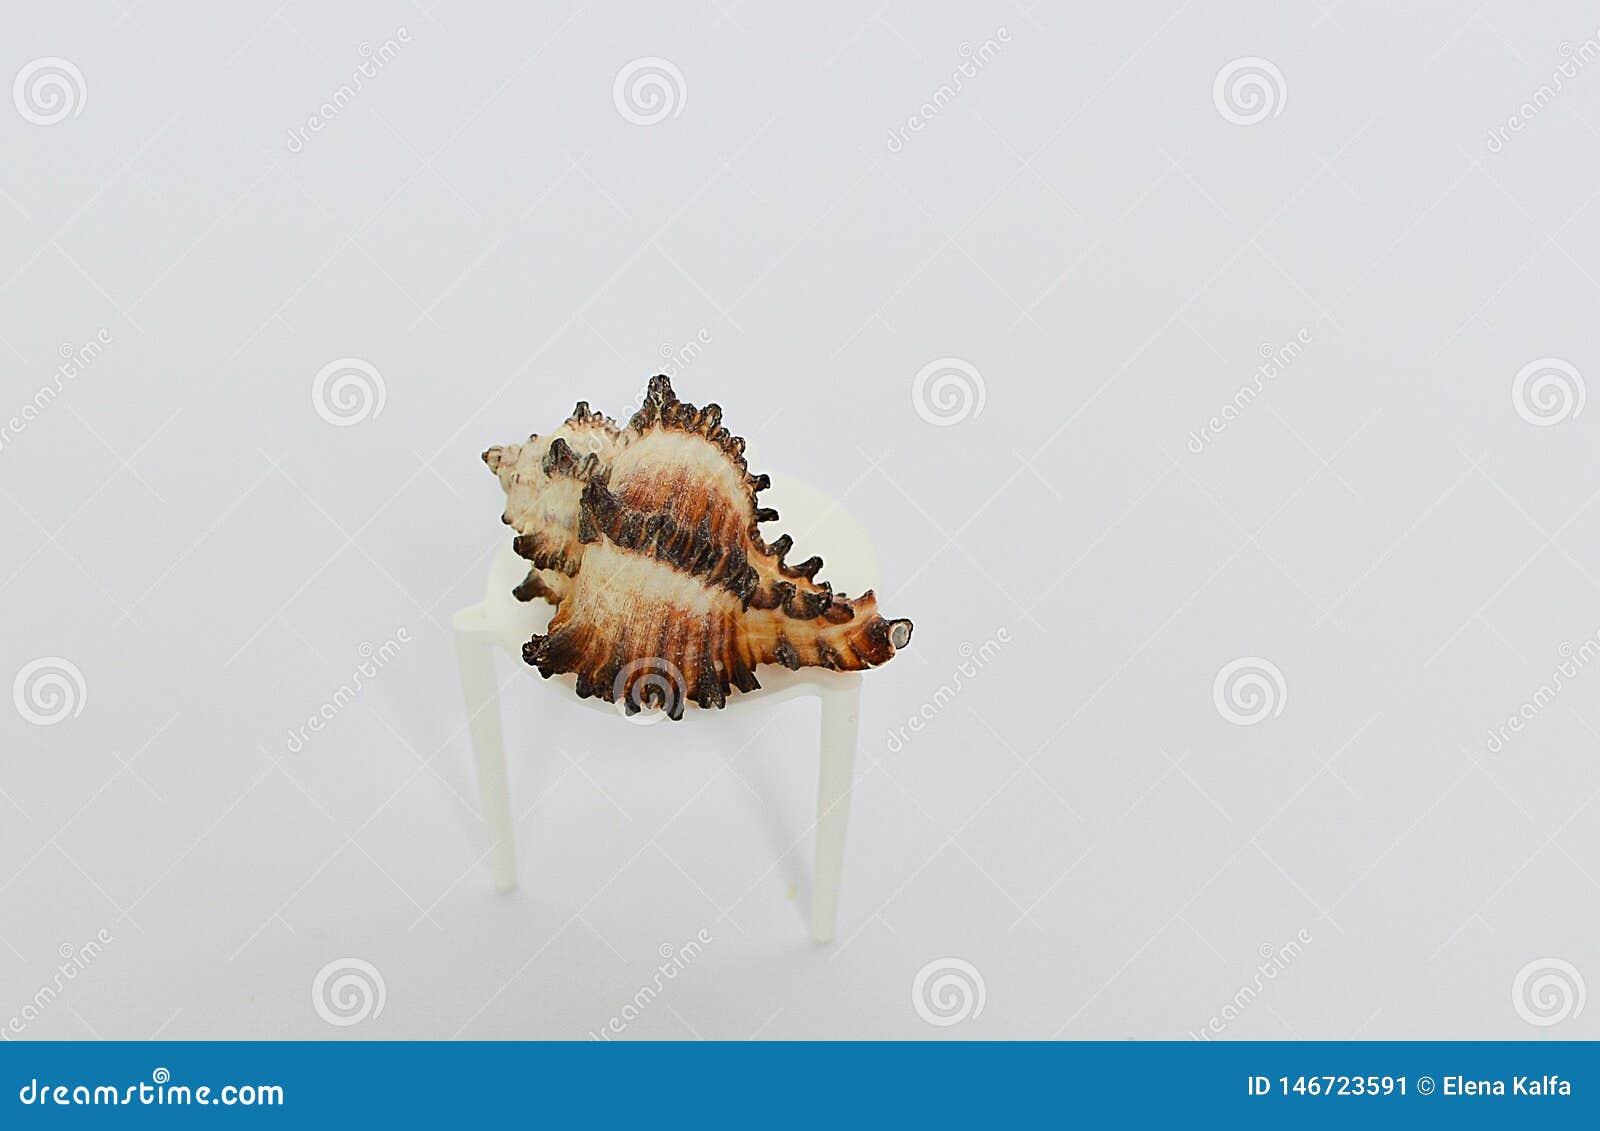 Belle coquille de coque sur une petite table sur un fond blanc